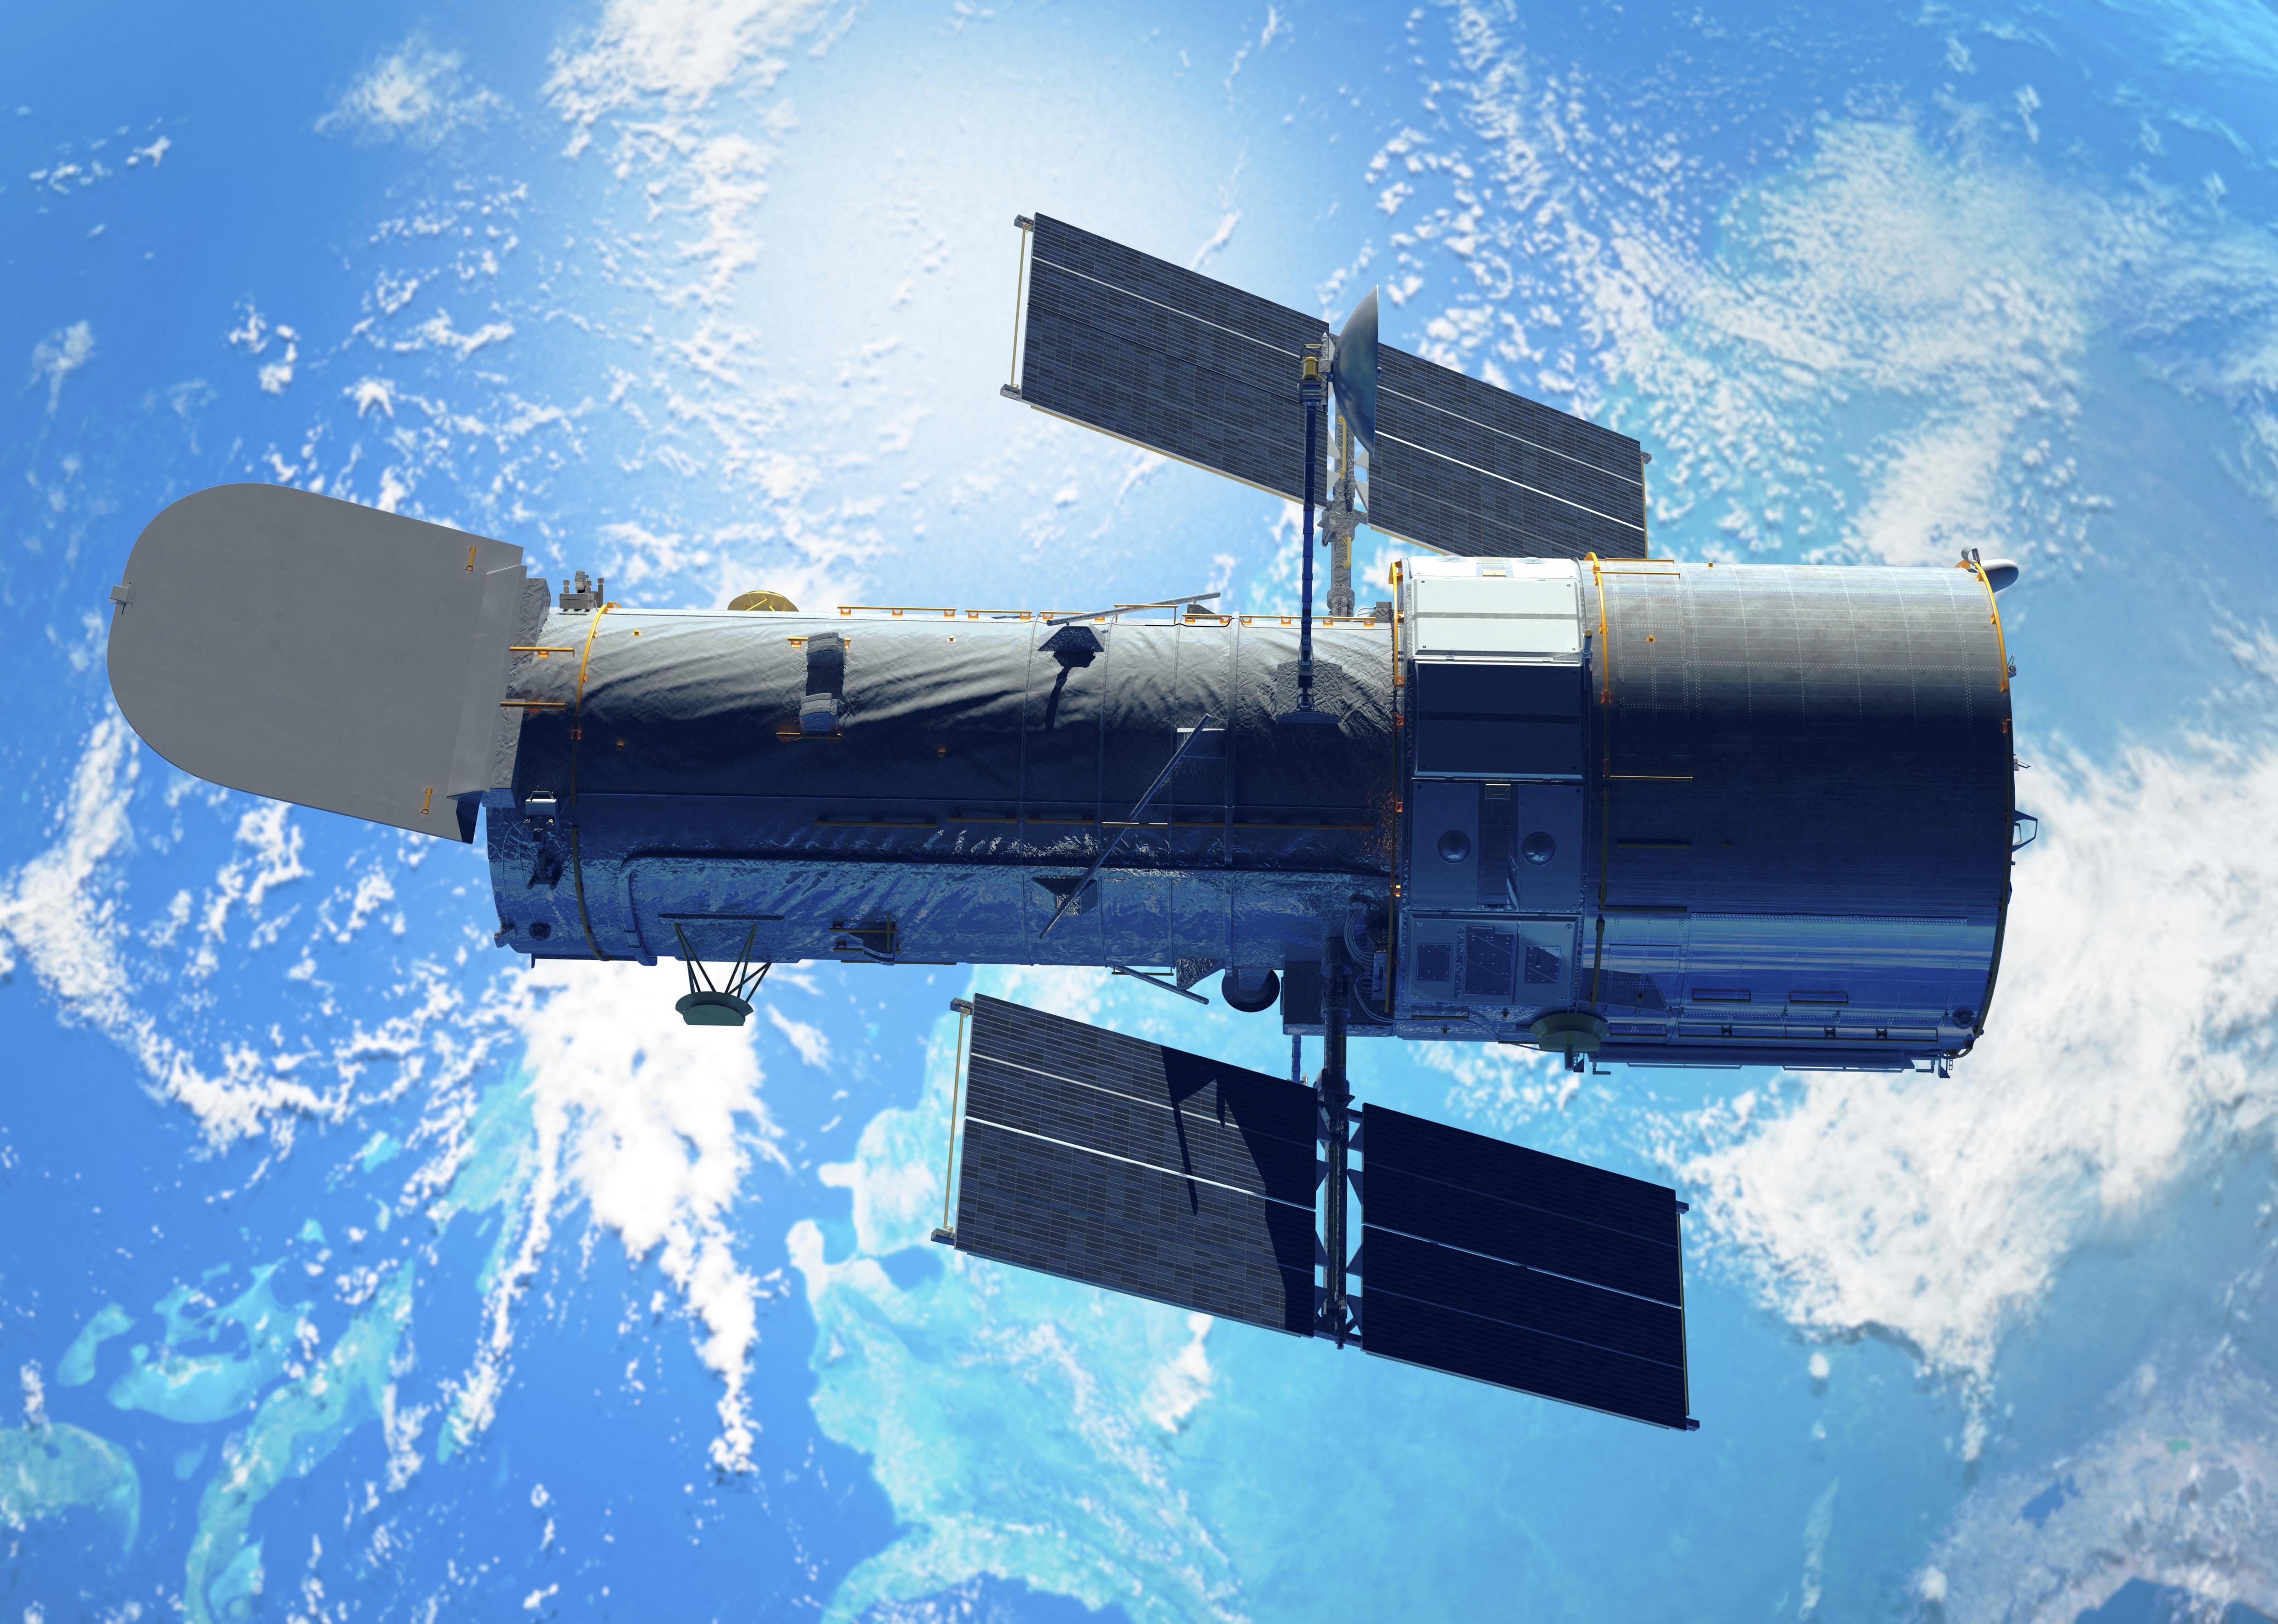 Számítógépes hiba miatt nem működik a Hubble űrteleszkóp, leállt minden csillagászati megfigyelés